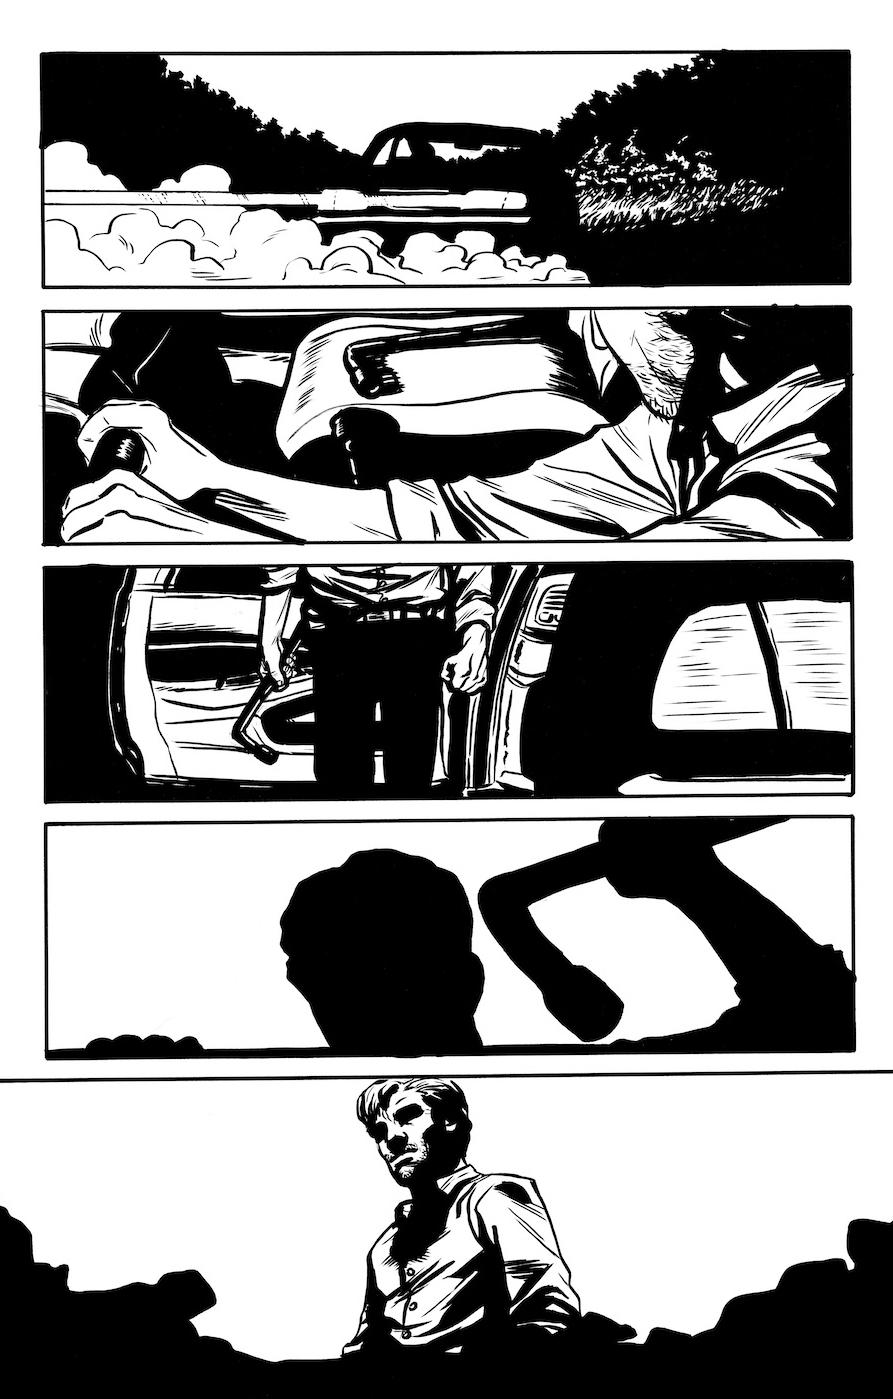 Night Driver Page 03.jpeg